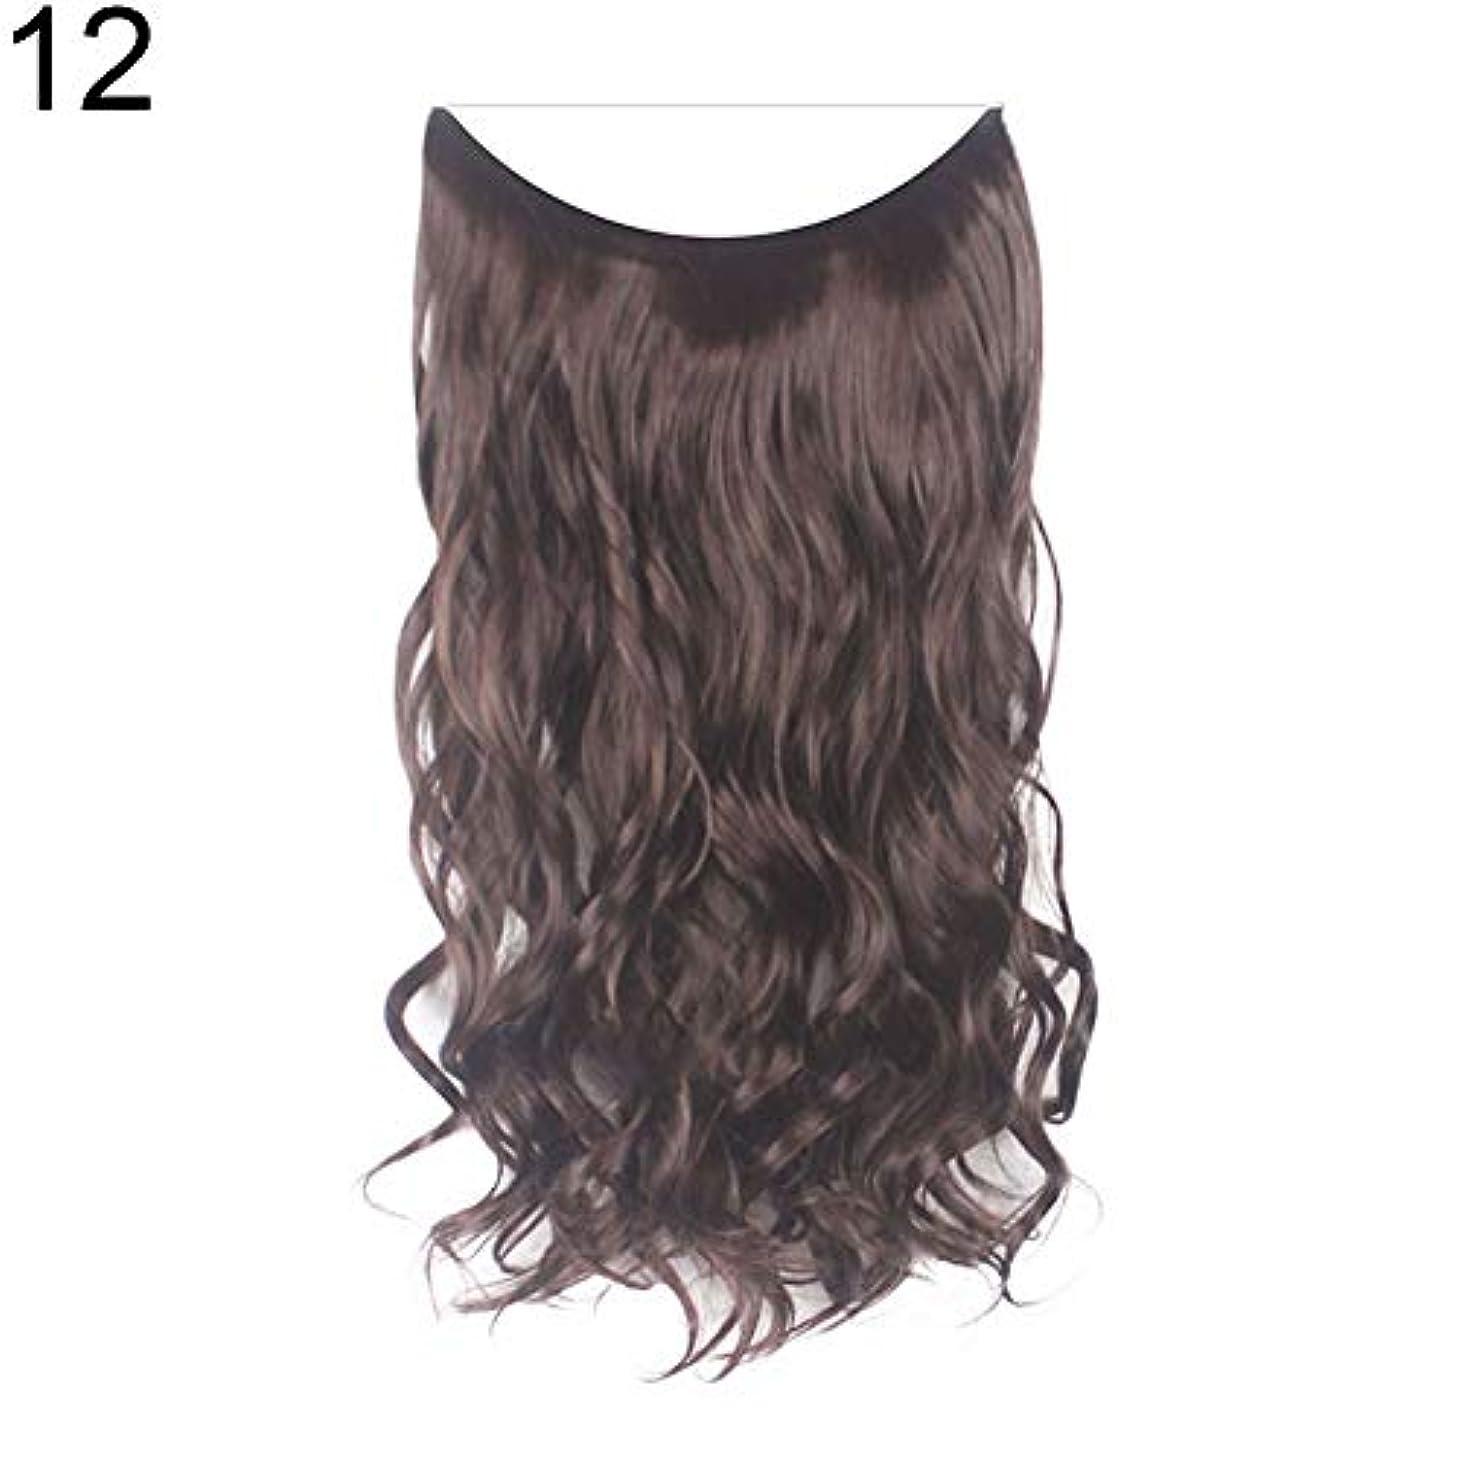 転用エンコミウム落胆するslQinjiansav女性ウィッグ収納コンテナ22インチ女性ロングストレート/カーリーワイヤーヘッドバンドウィッグ目に見えない髪の延長